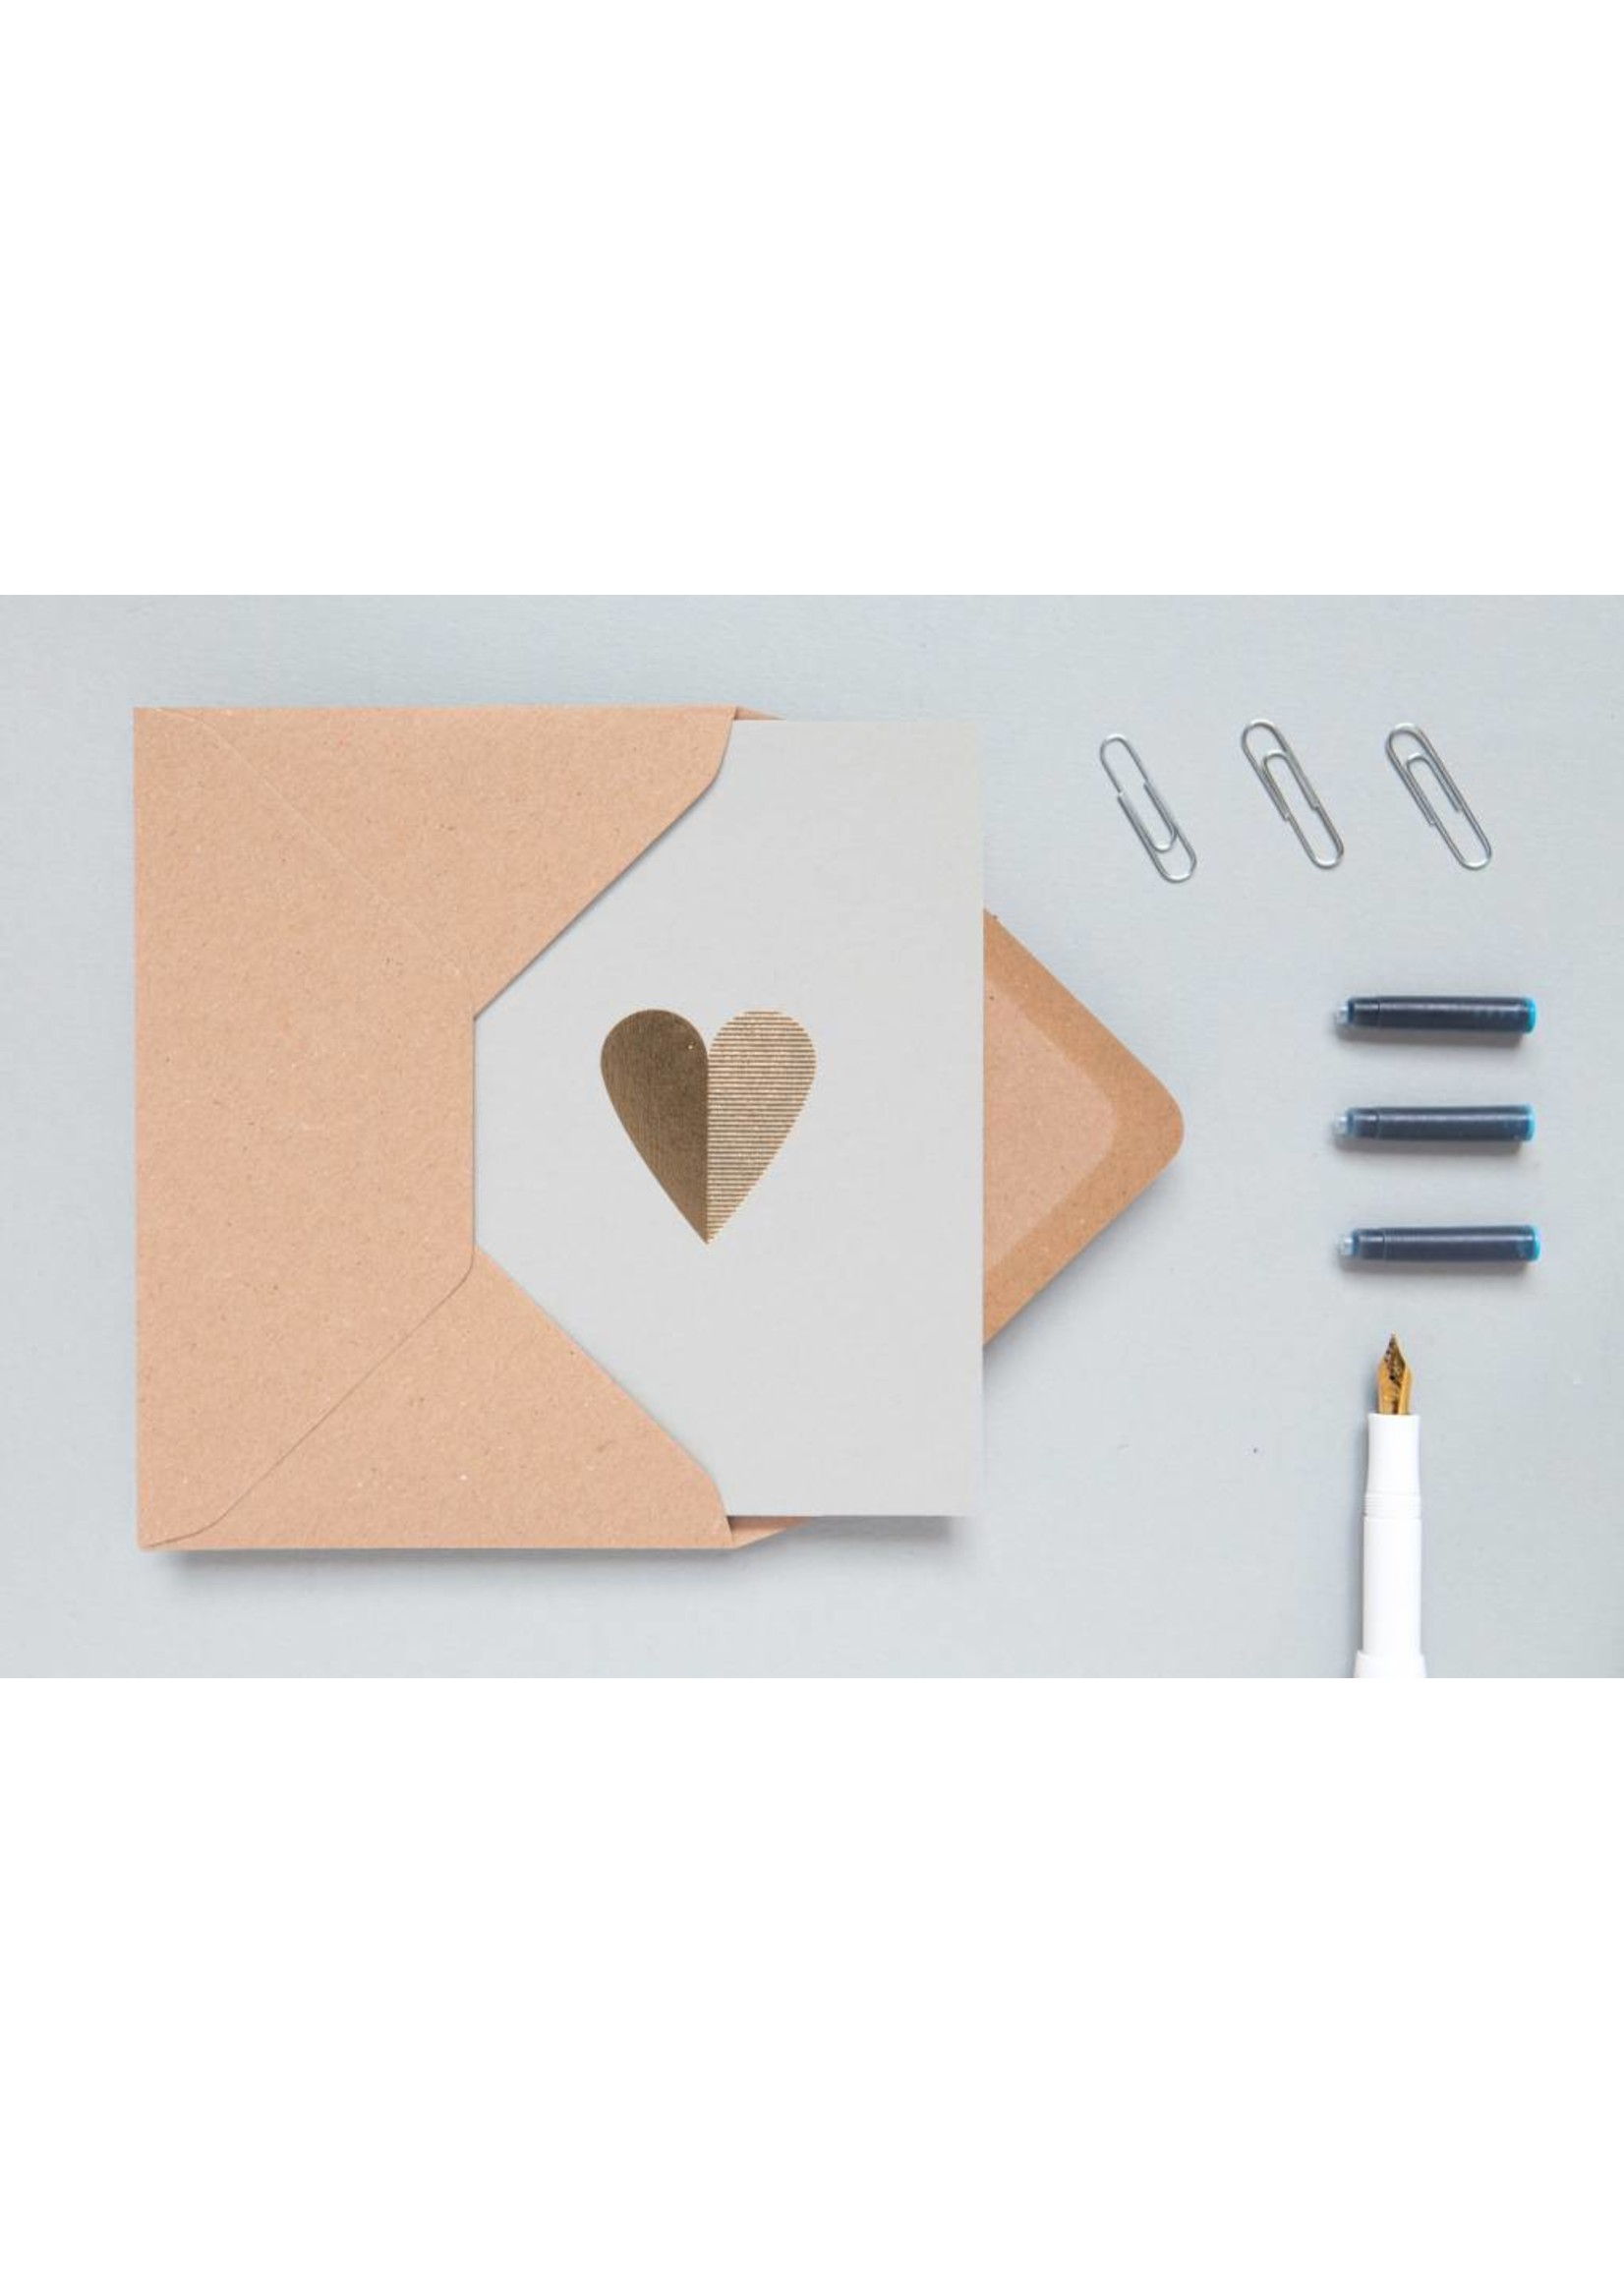 Ola Ola Foil Blocked Cards: Heart Light Grey/Brass